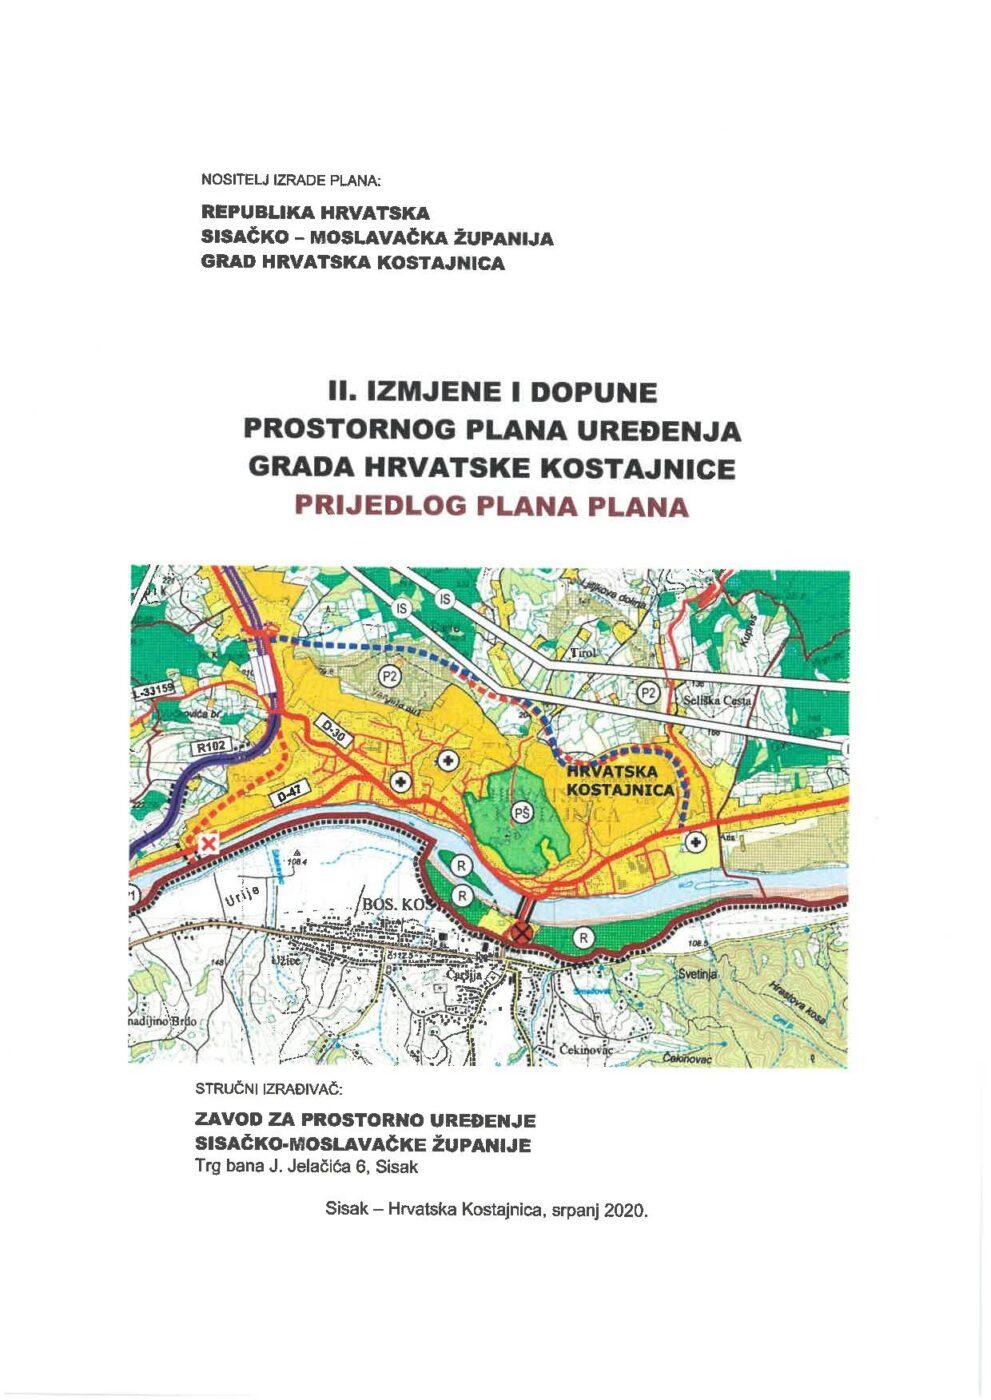 Javna rasprava o prijedlogu II. Izmjena i dopuna prostornog plana uređenja Grada Hrvatska Kostajnica